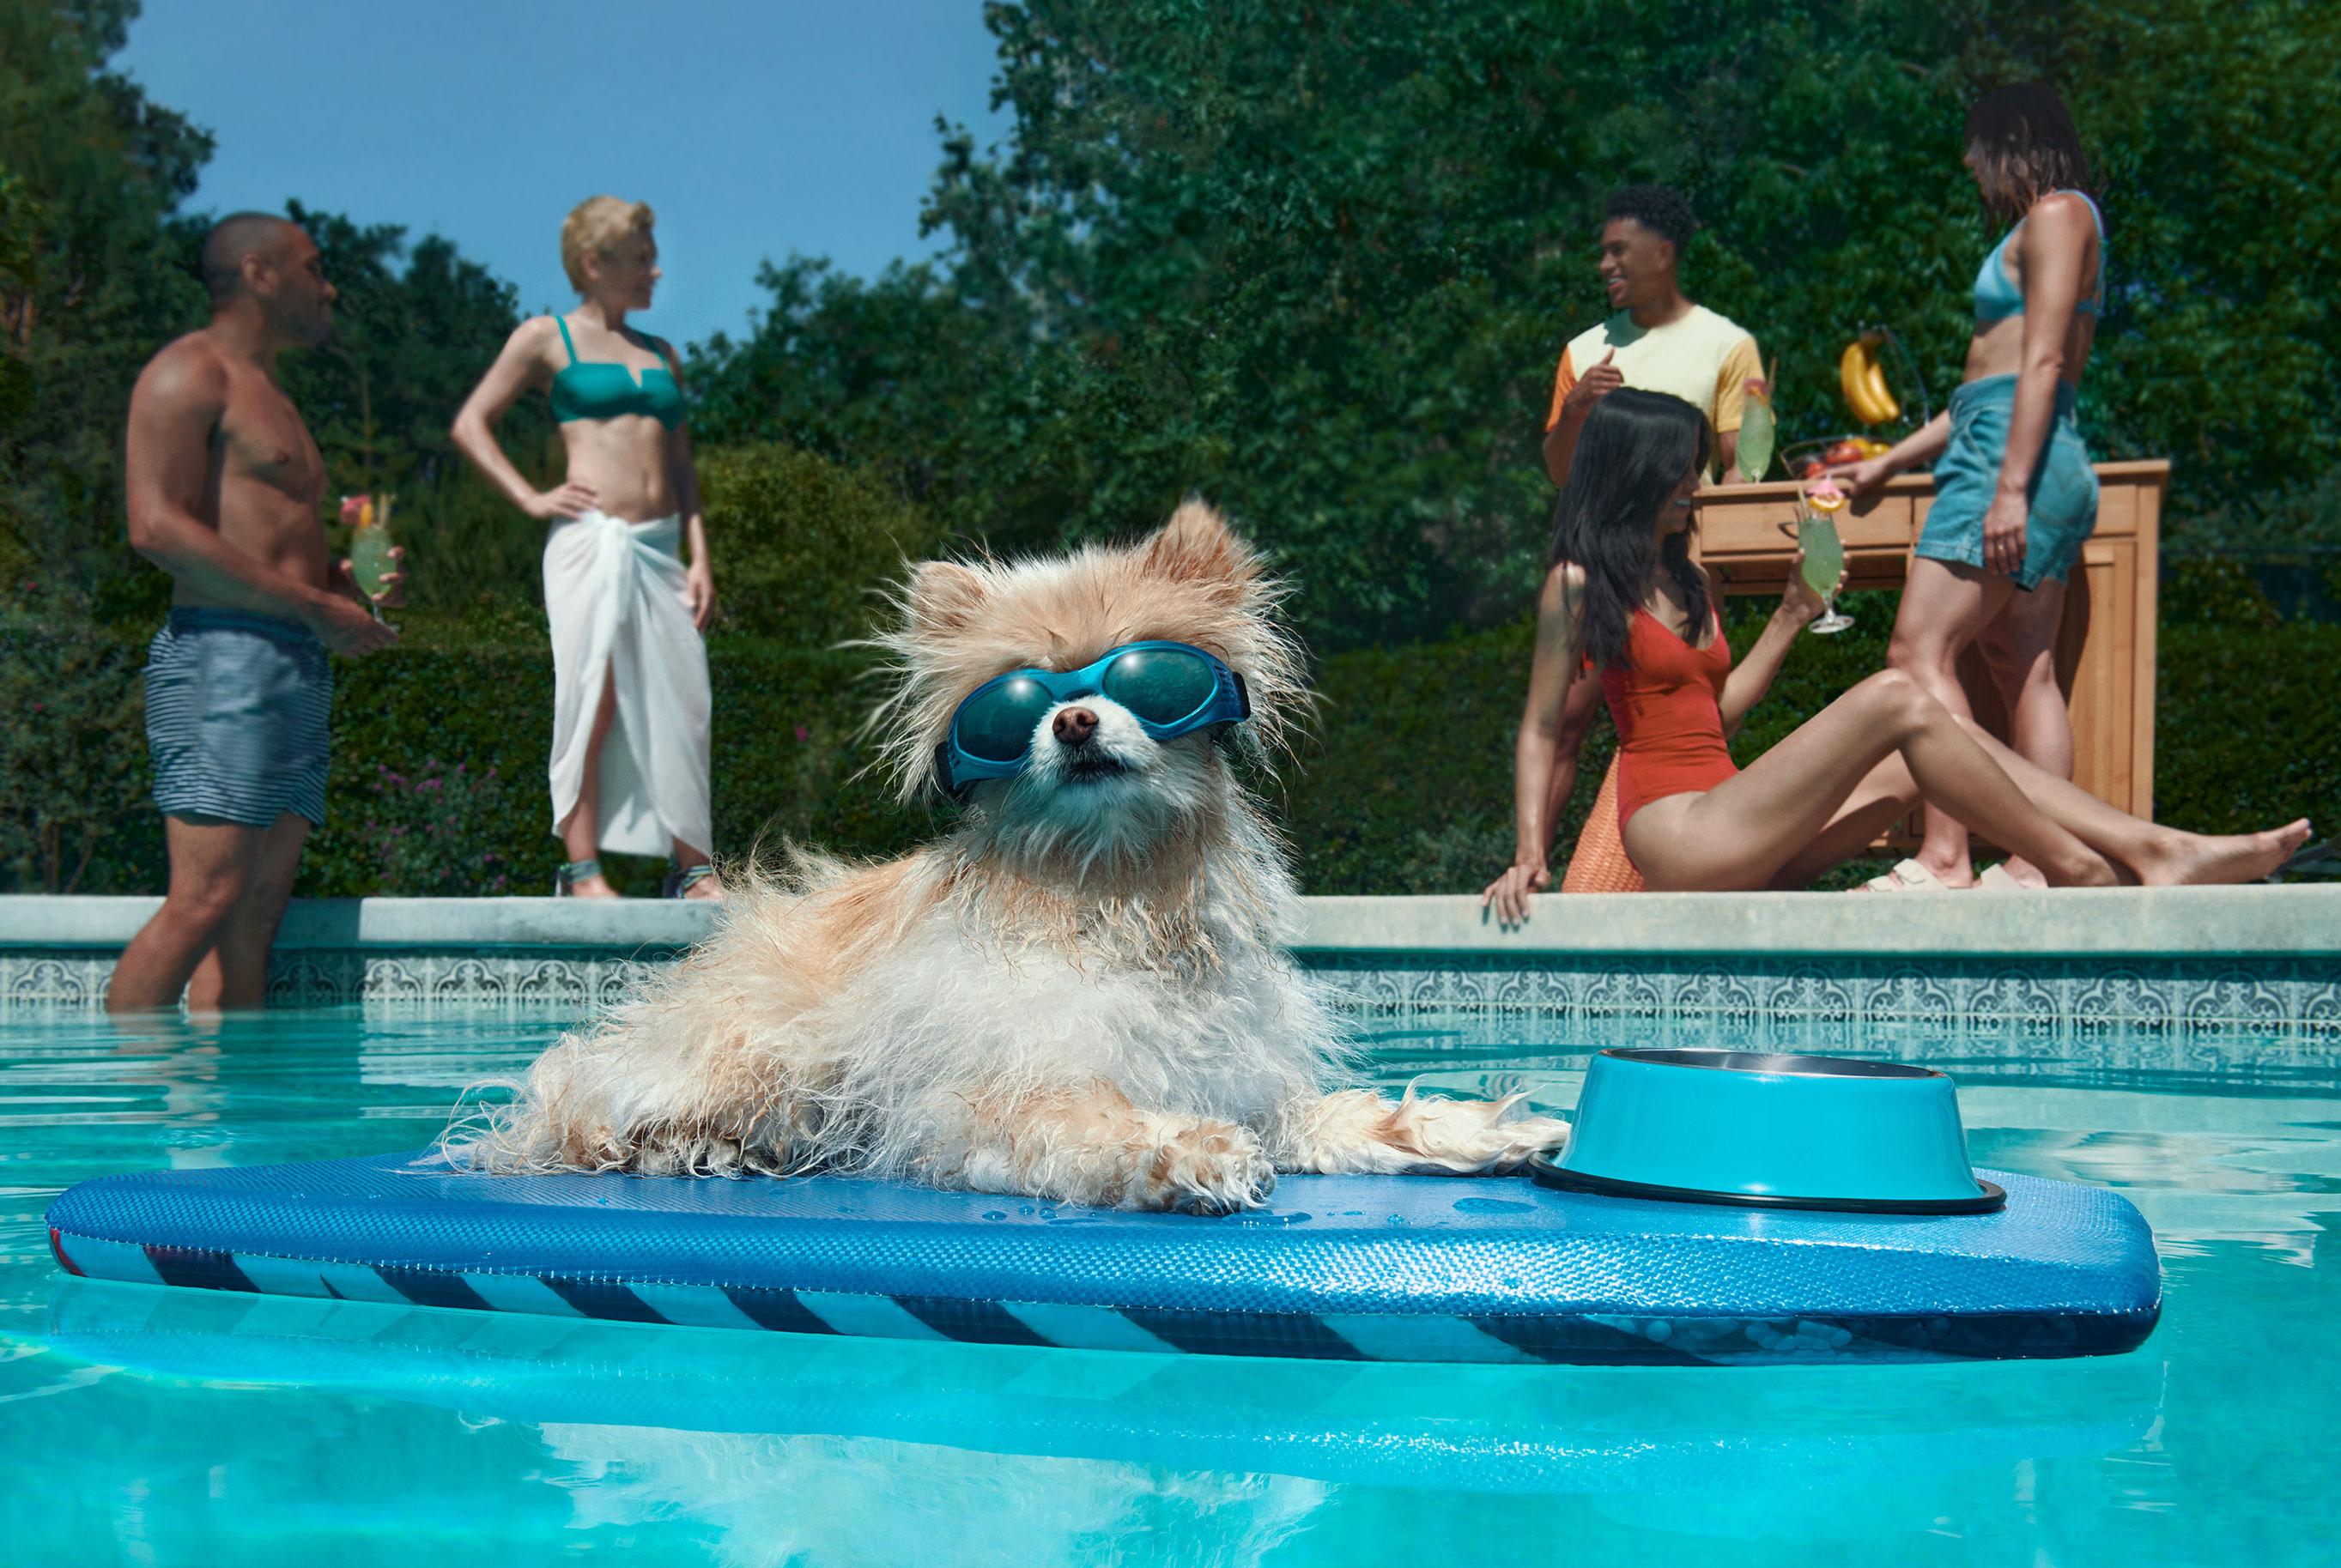 рекламная кампания успокаивающего лечебного CBD-средства для собак / фото 01